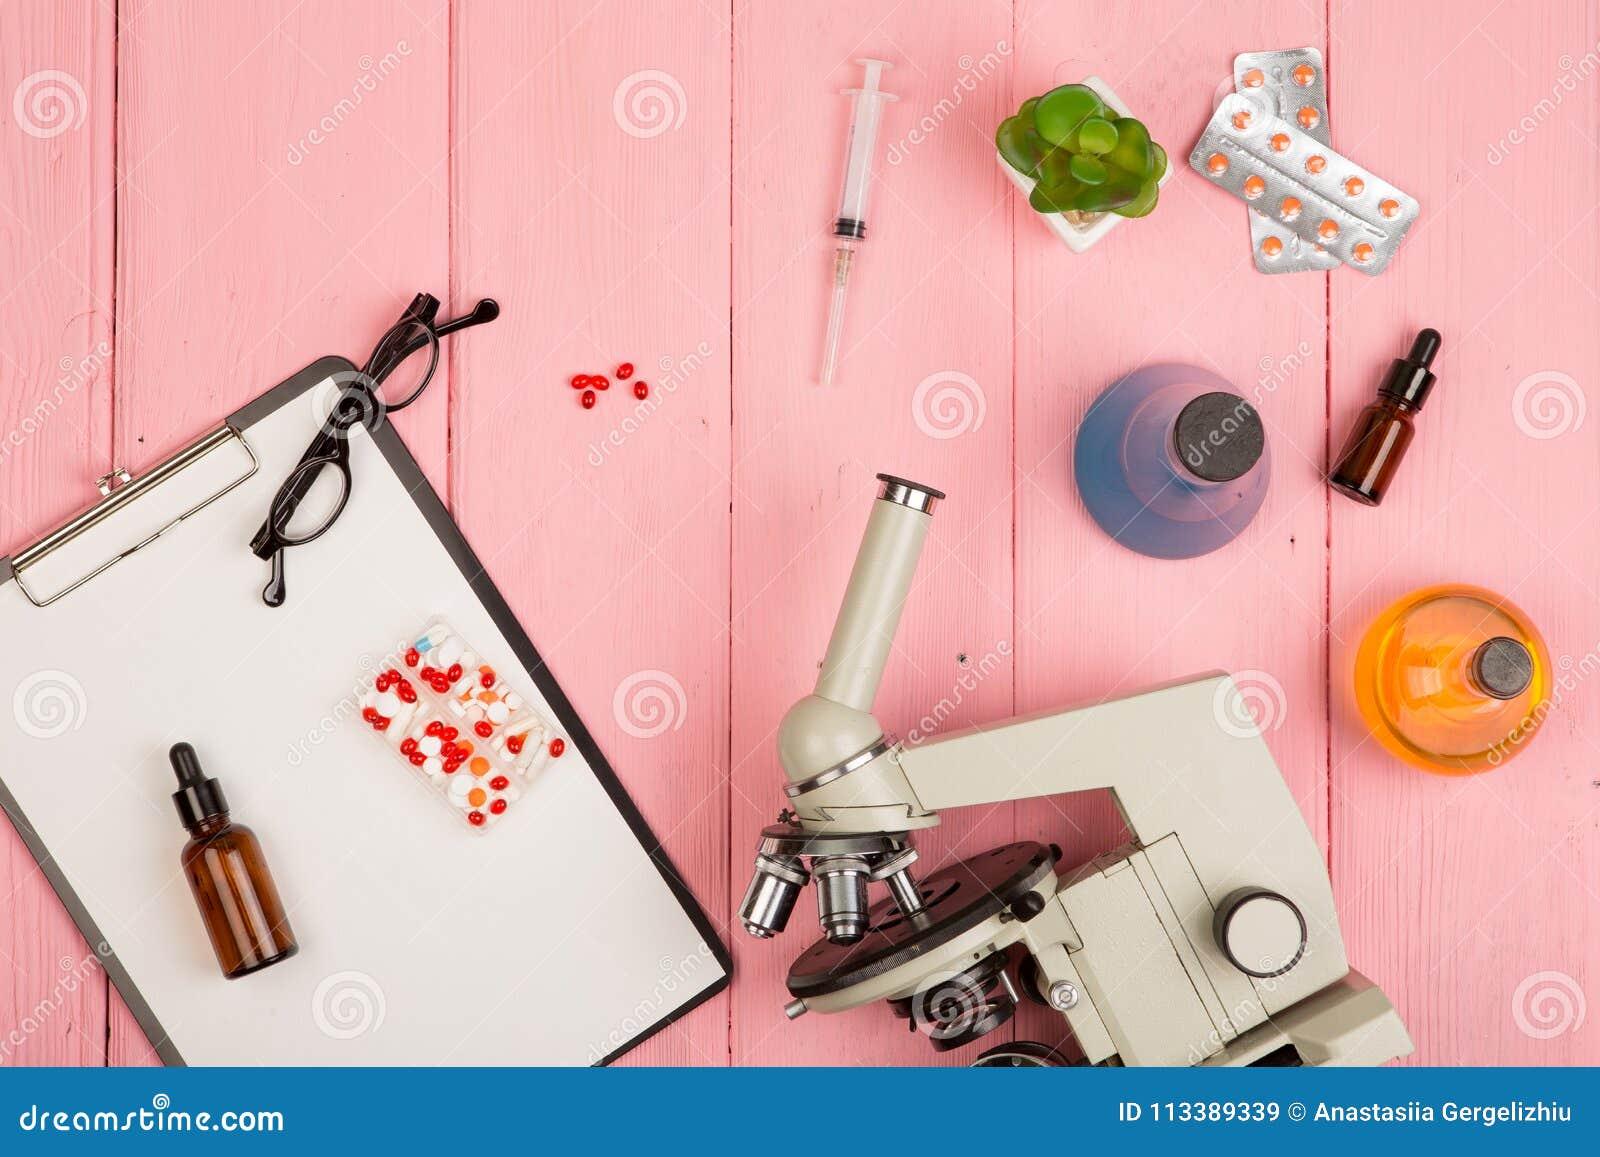 Doutor do cientista do local de trabalho - microscópio, comprimidos, seringa, monóculos, garrafas químicas com líquido, prancheta